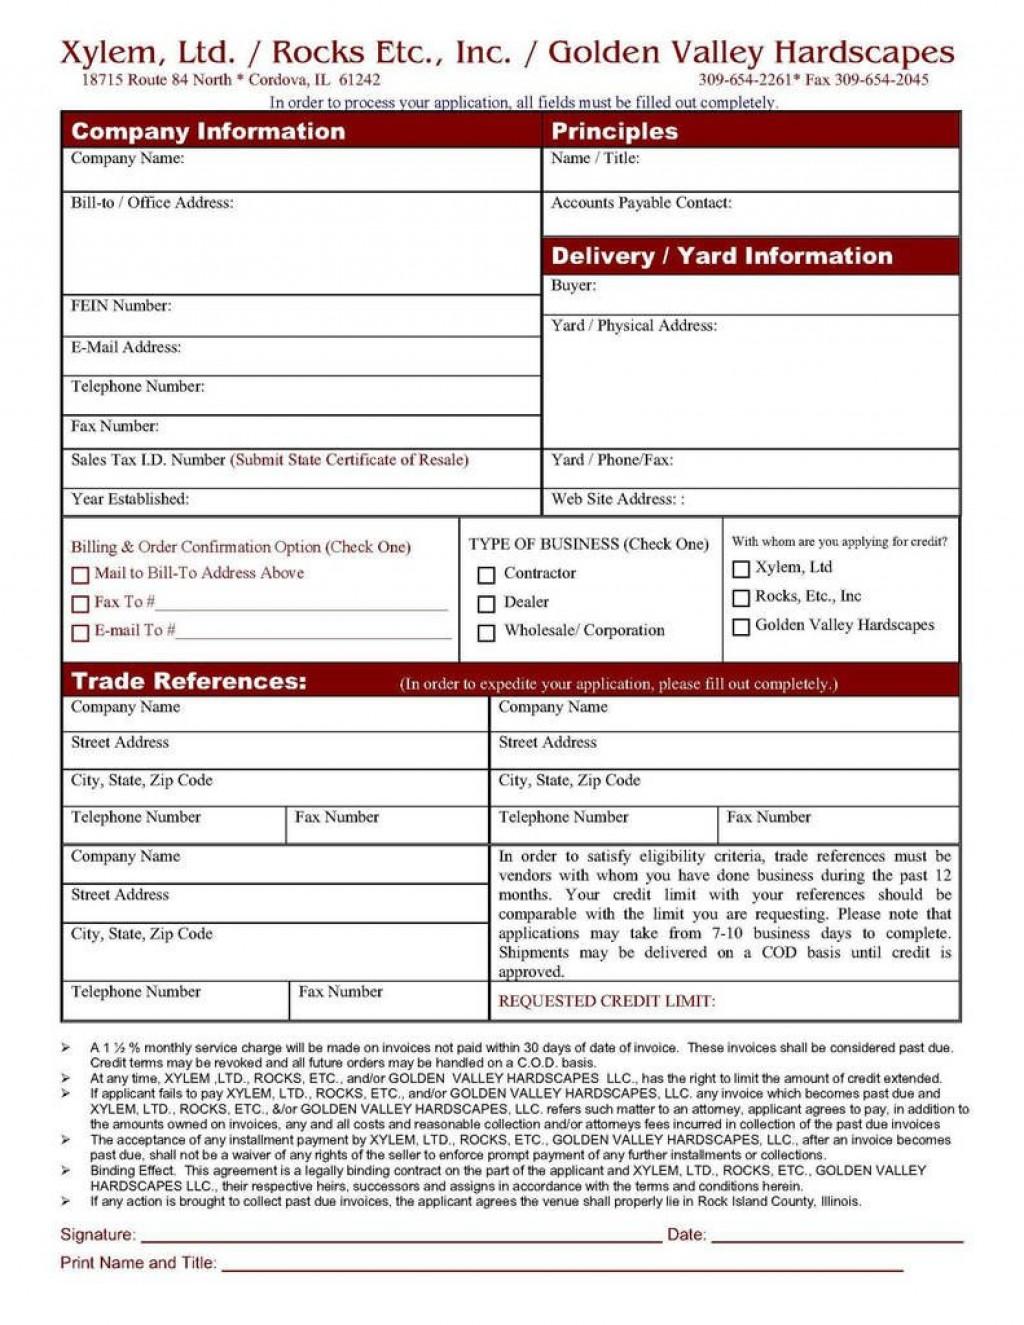 006 Shocking Busines Credit Application Template Excel Design  FormLarge